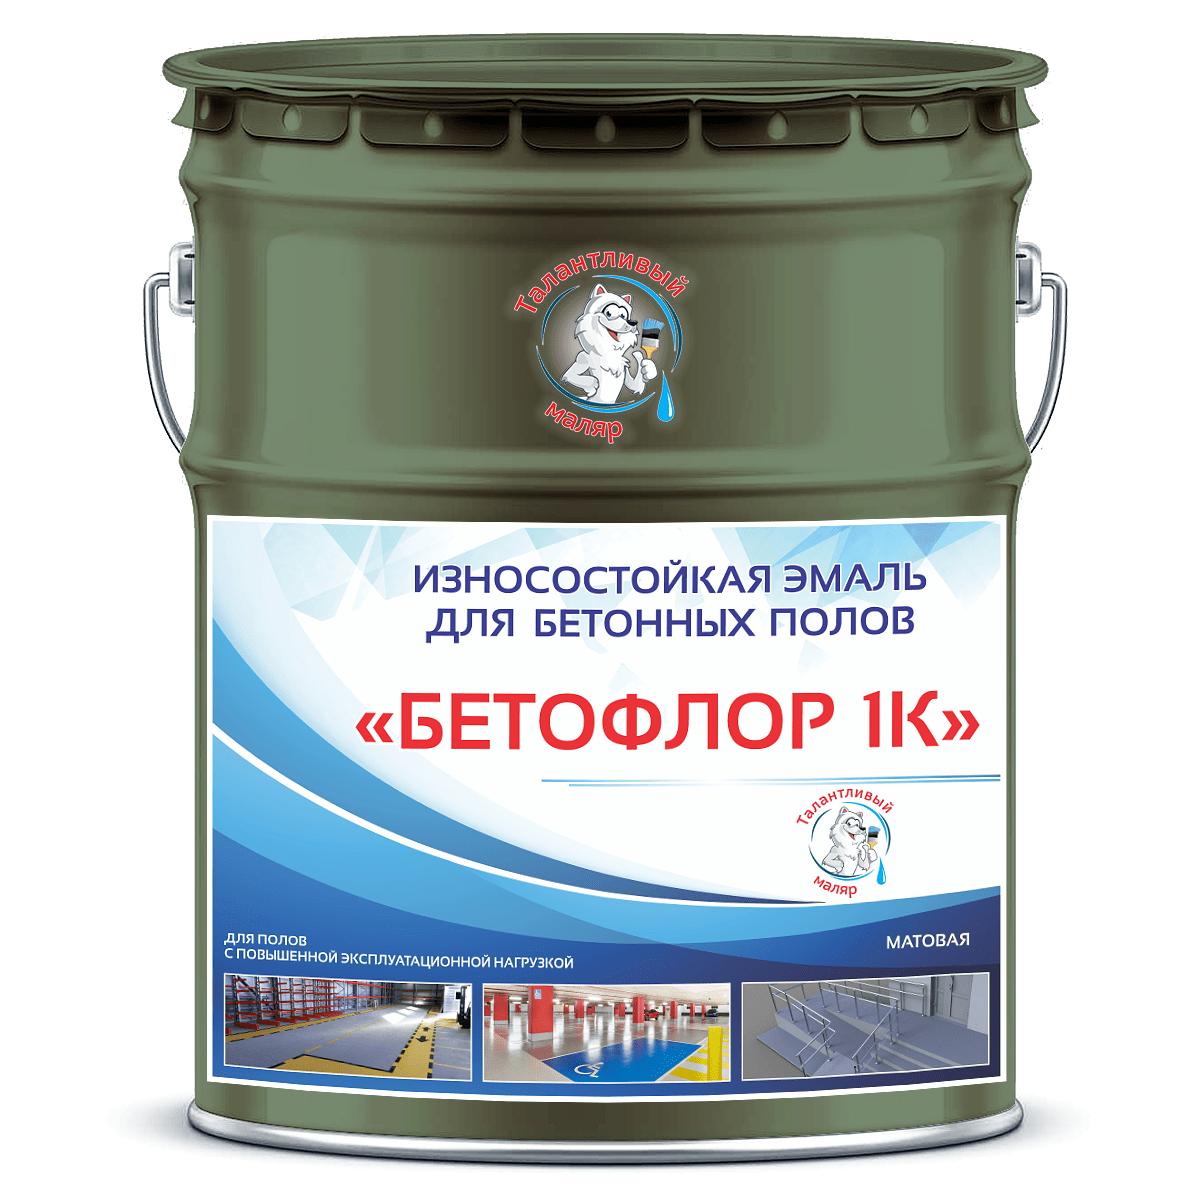 """Фото 7 - BF6006 Эмаль для бетонных полов """"Бетофлор"""" 1К цвет RAL 6006 Серо-оливковый, матовая износостойкая, 25 кг """"Талантливый Маляр""""."""